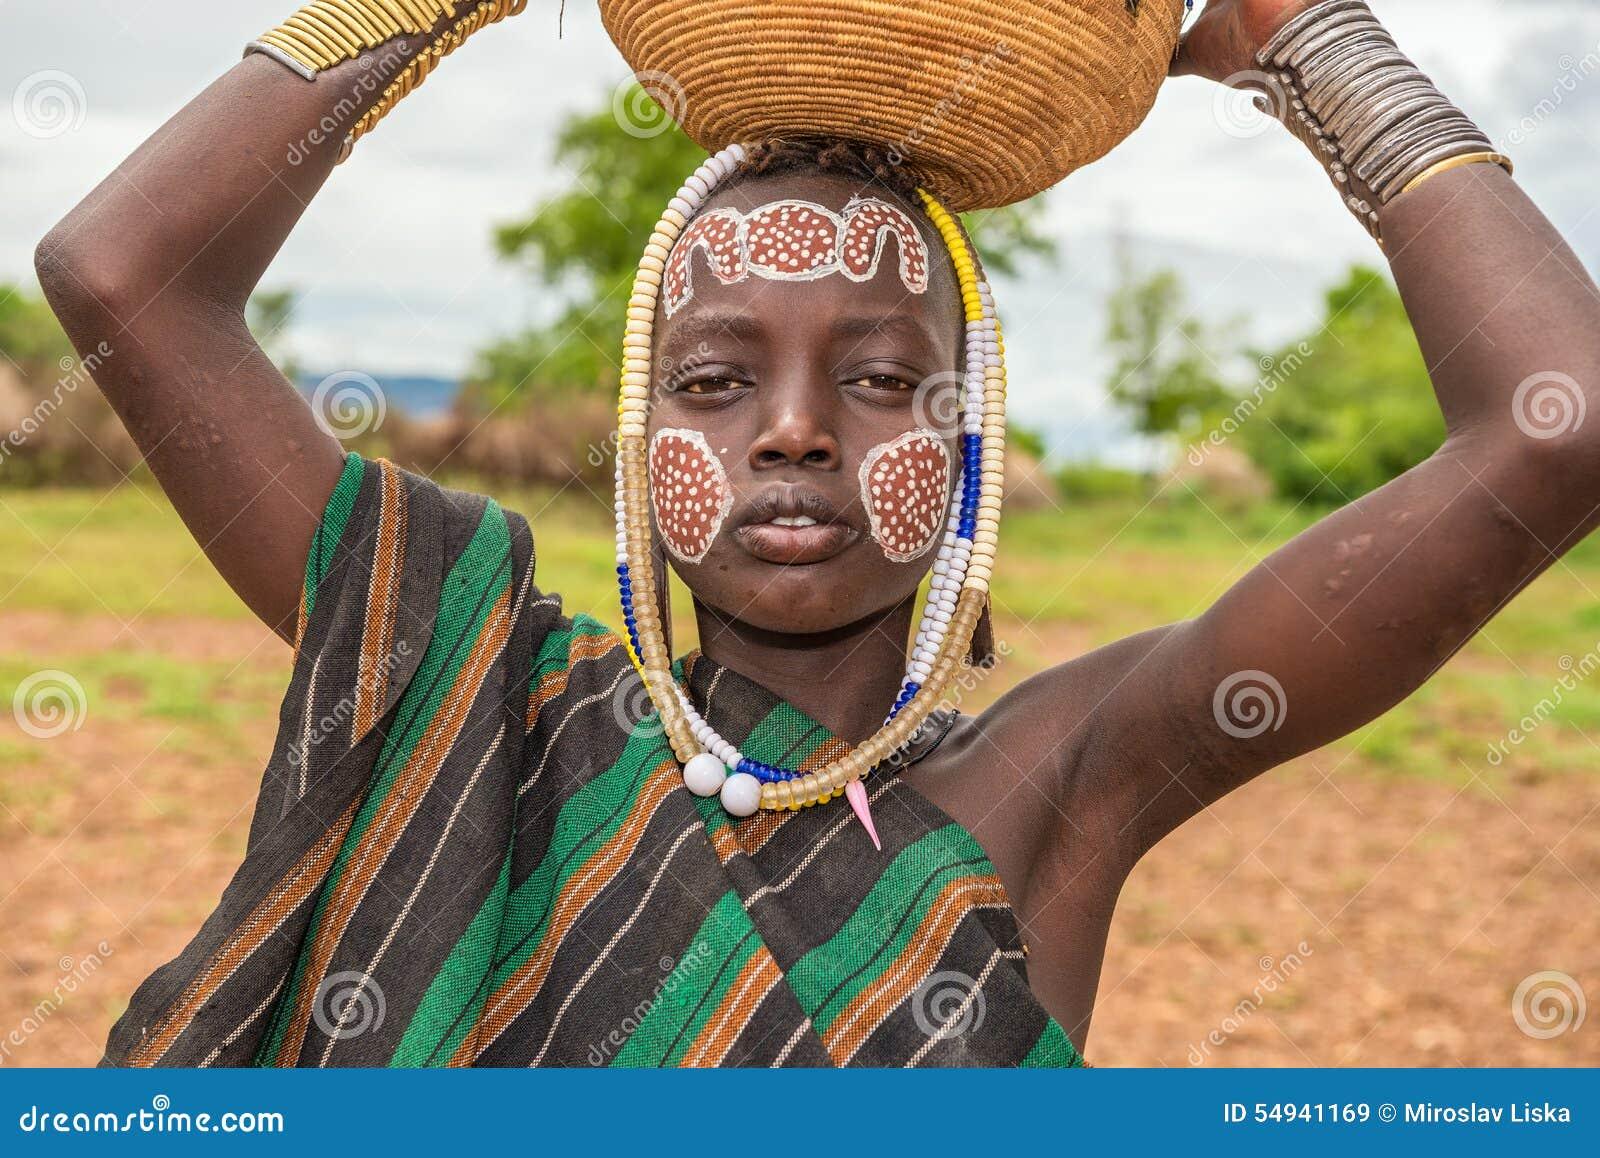 jonge jongen van de afrikaanse stam mursi, ethiopië redactionele